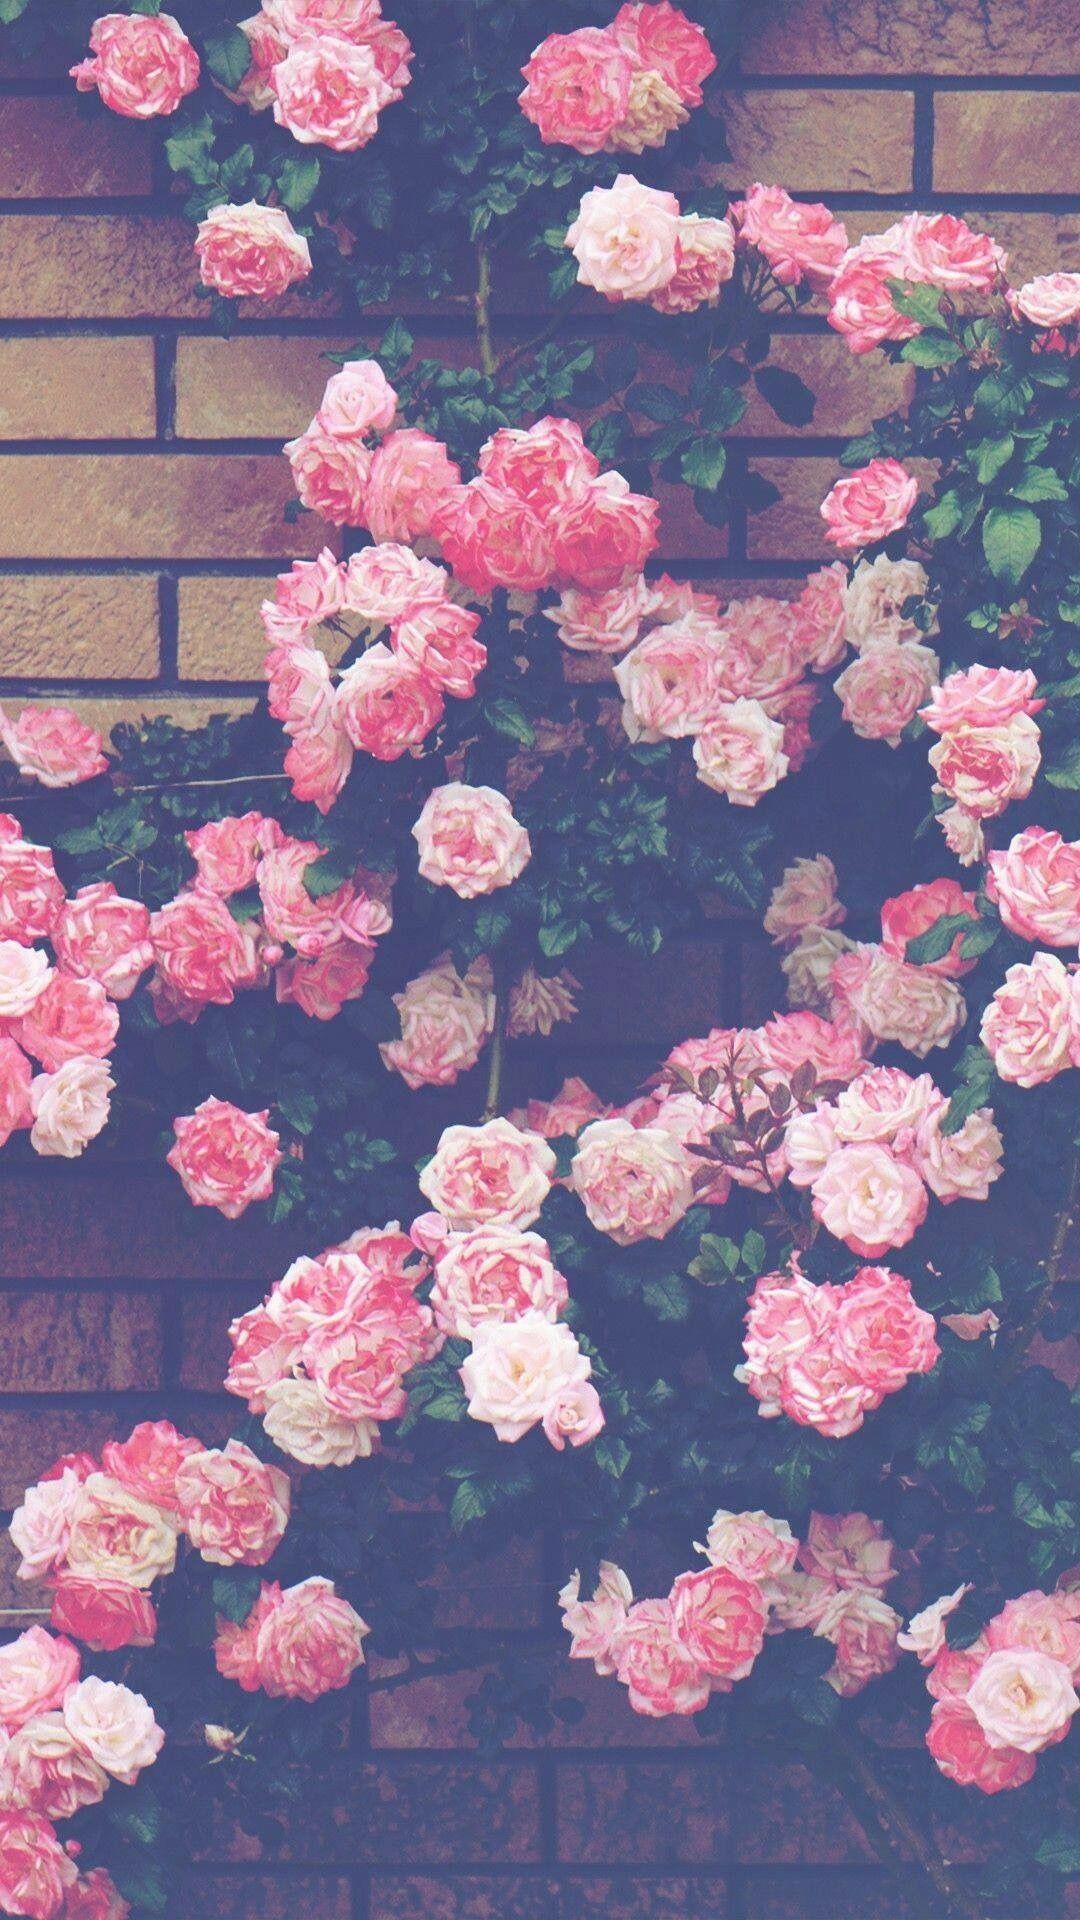 Aesthetic Flower Backgrounds Tumblr